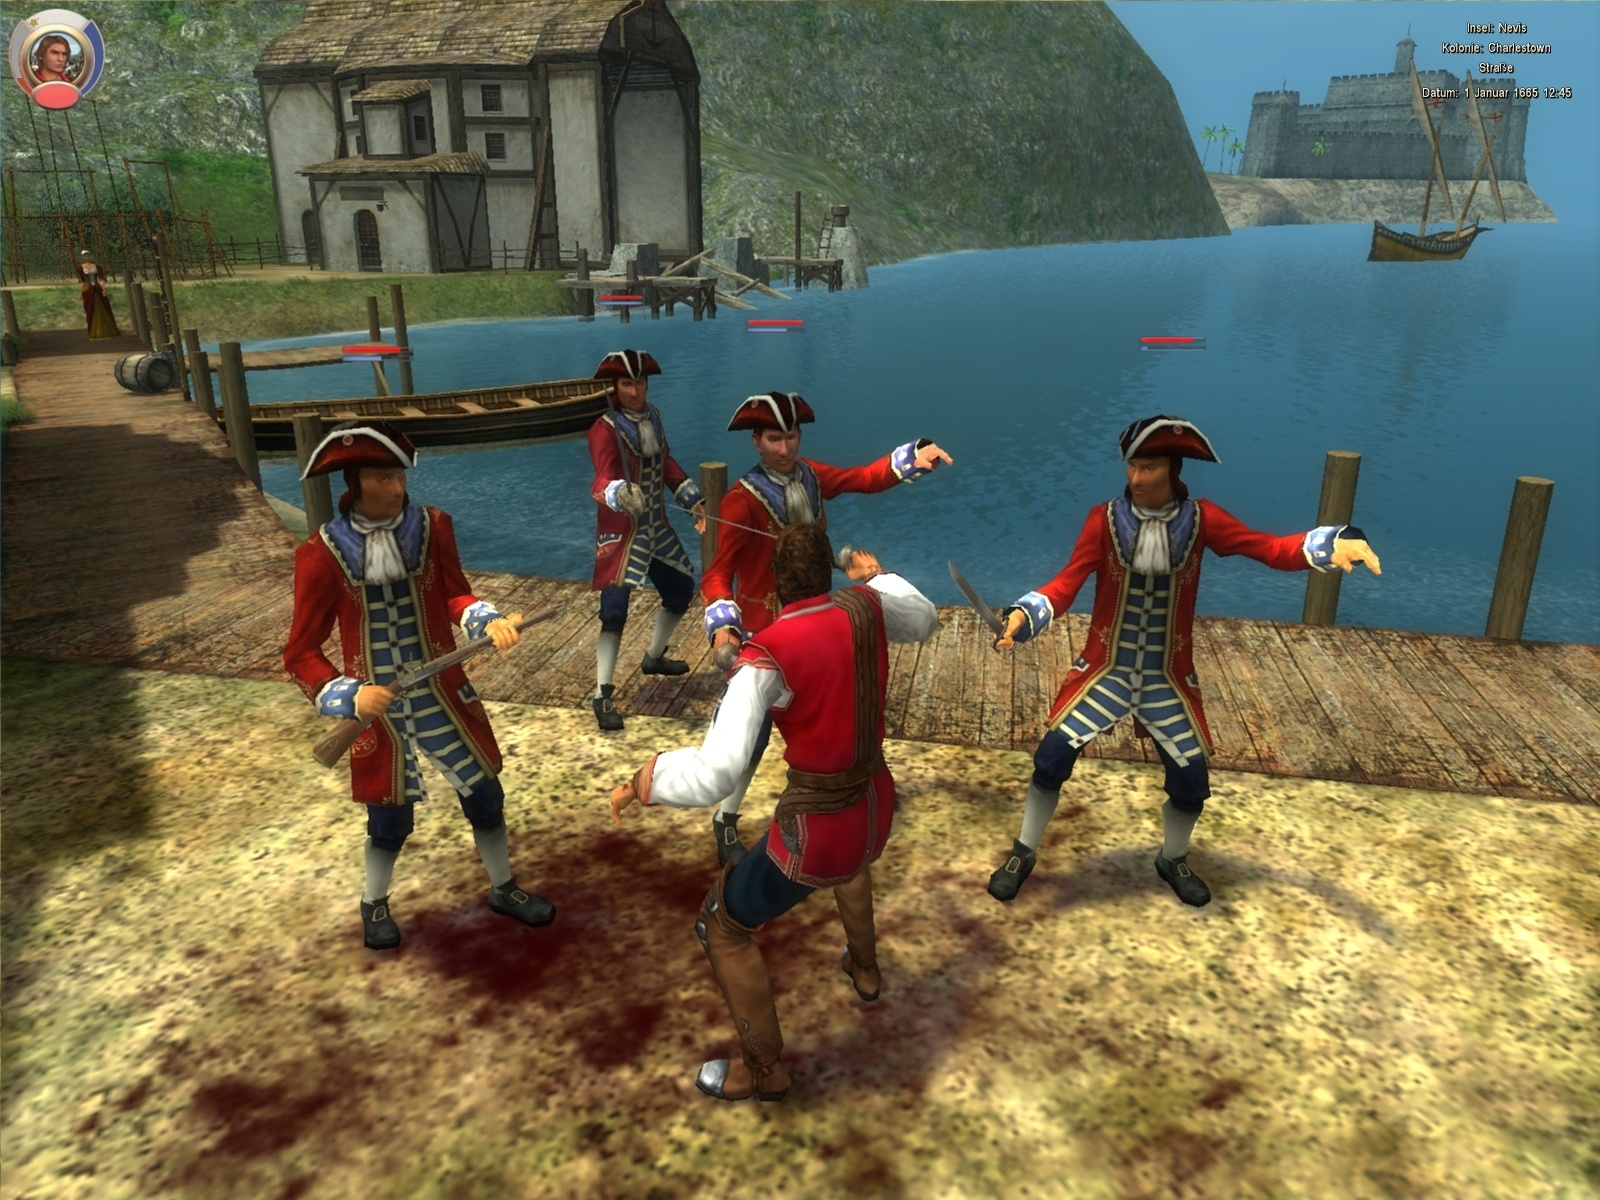 Piraten Spiel